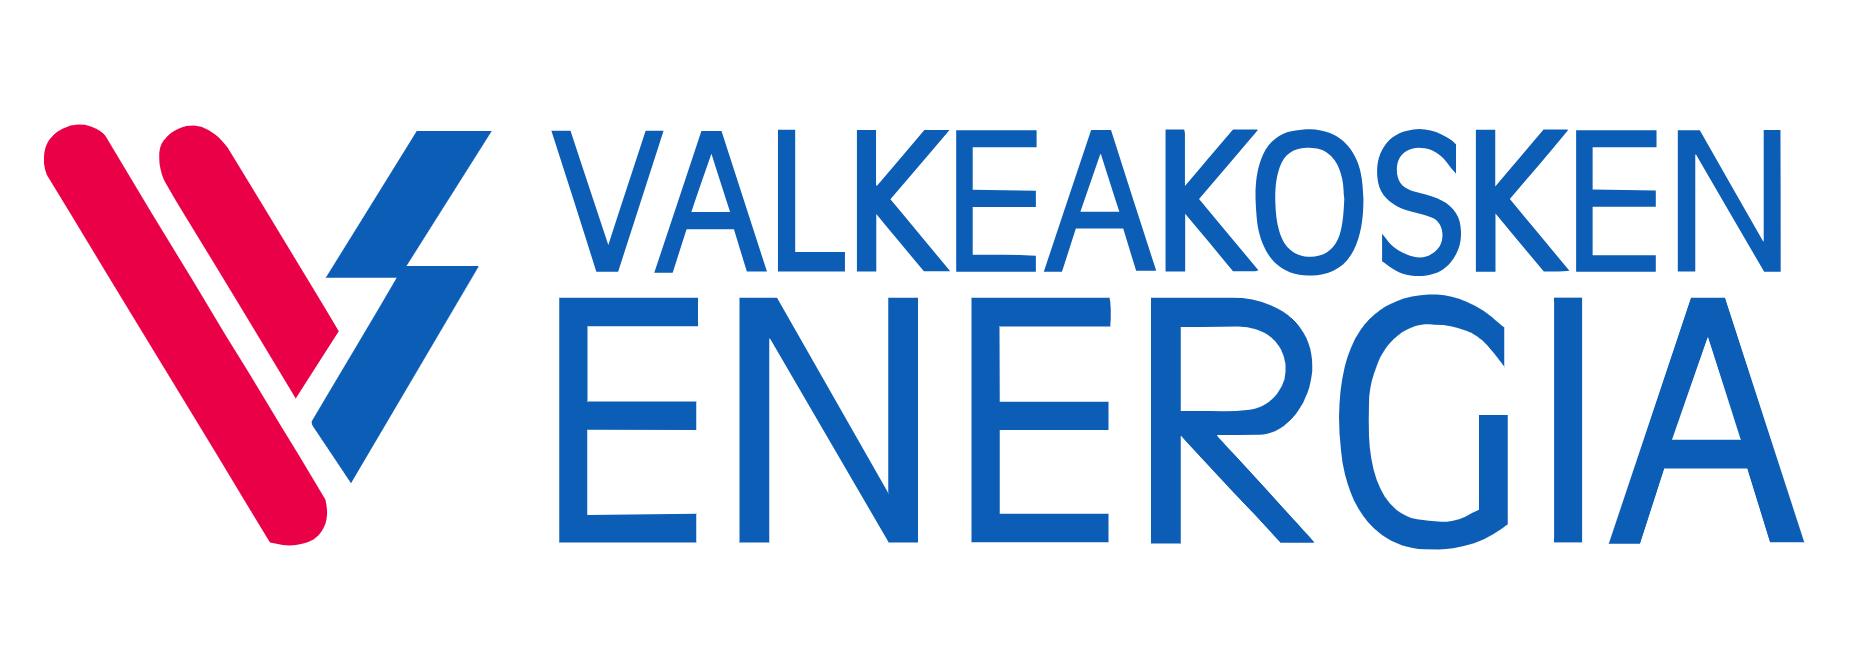 logo: Valkeakosken Energia Oy